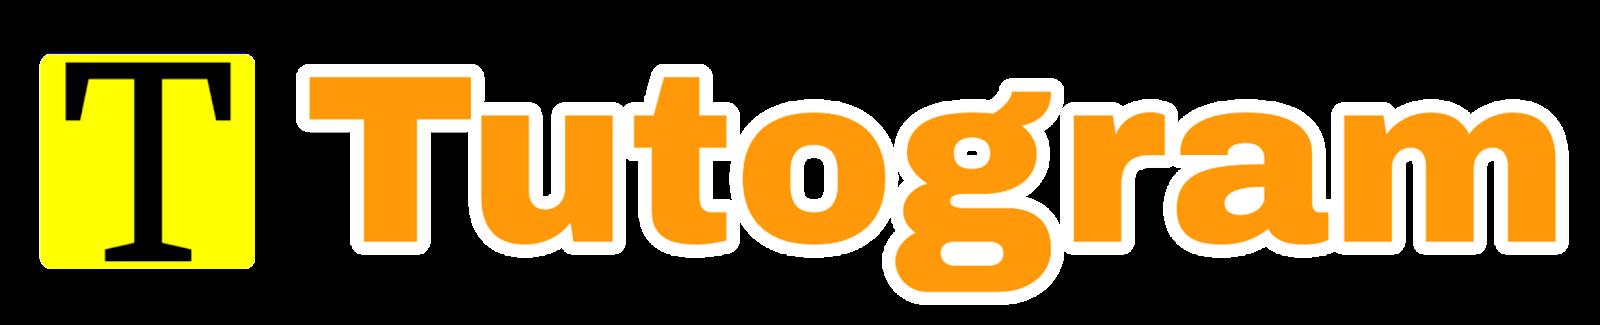 Tutogram